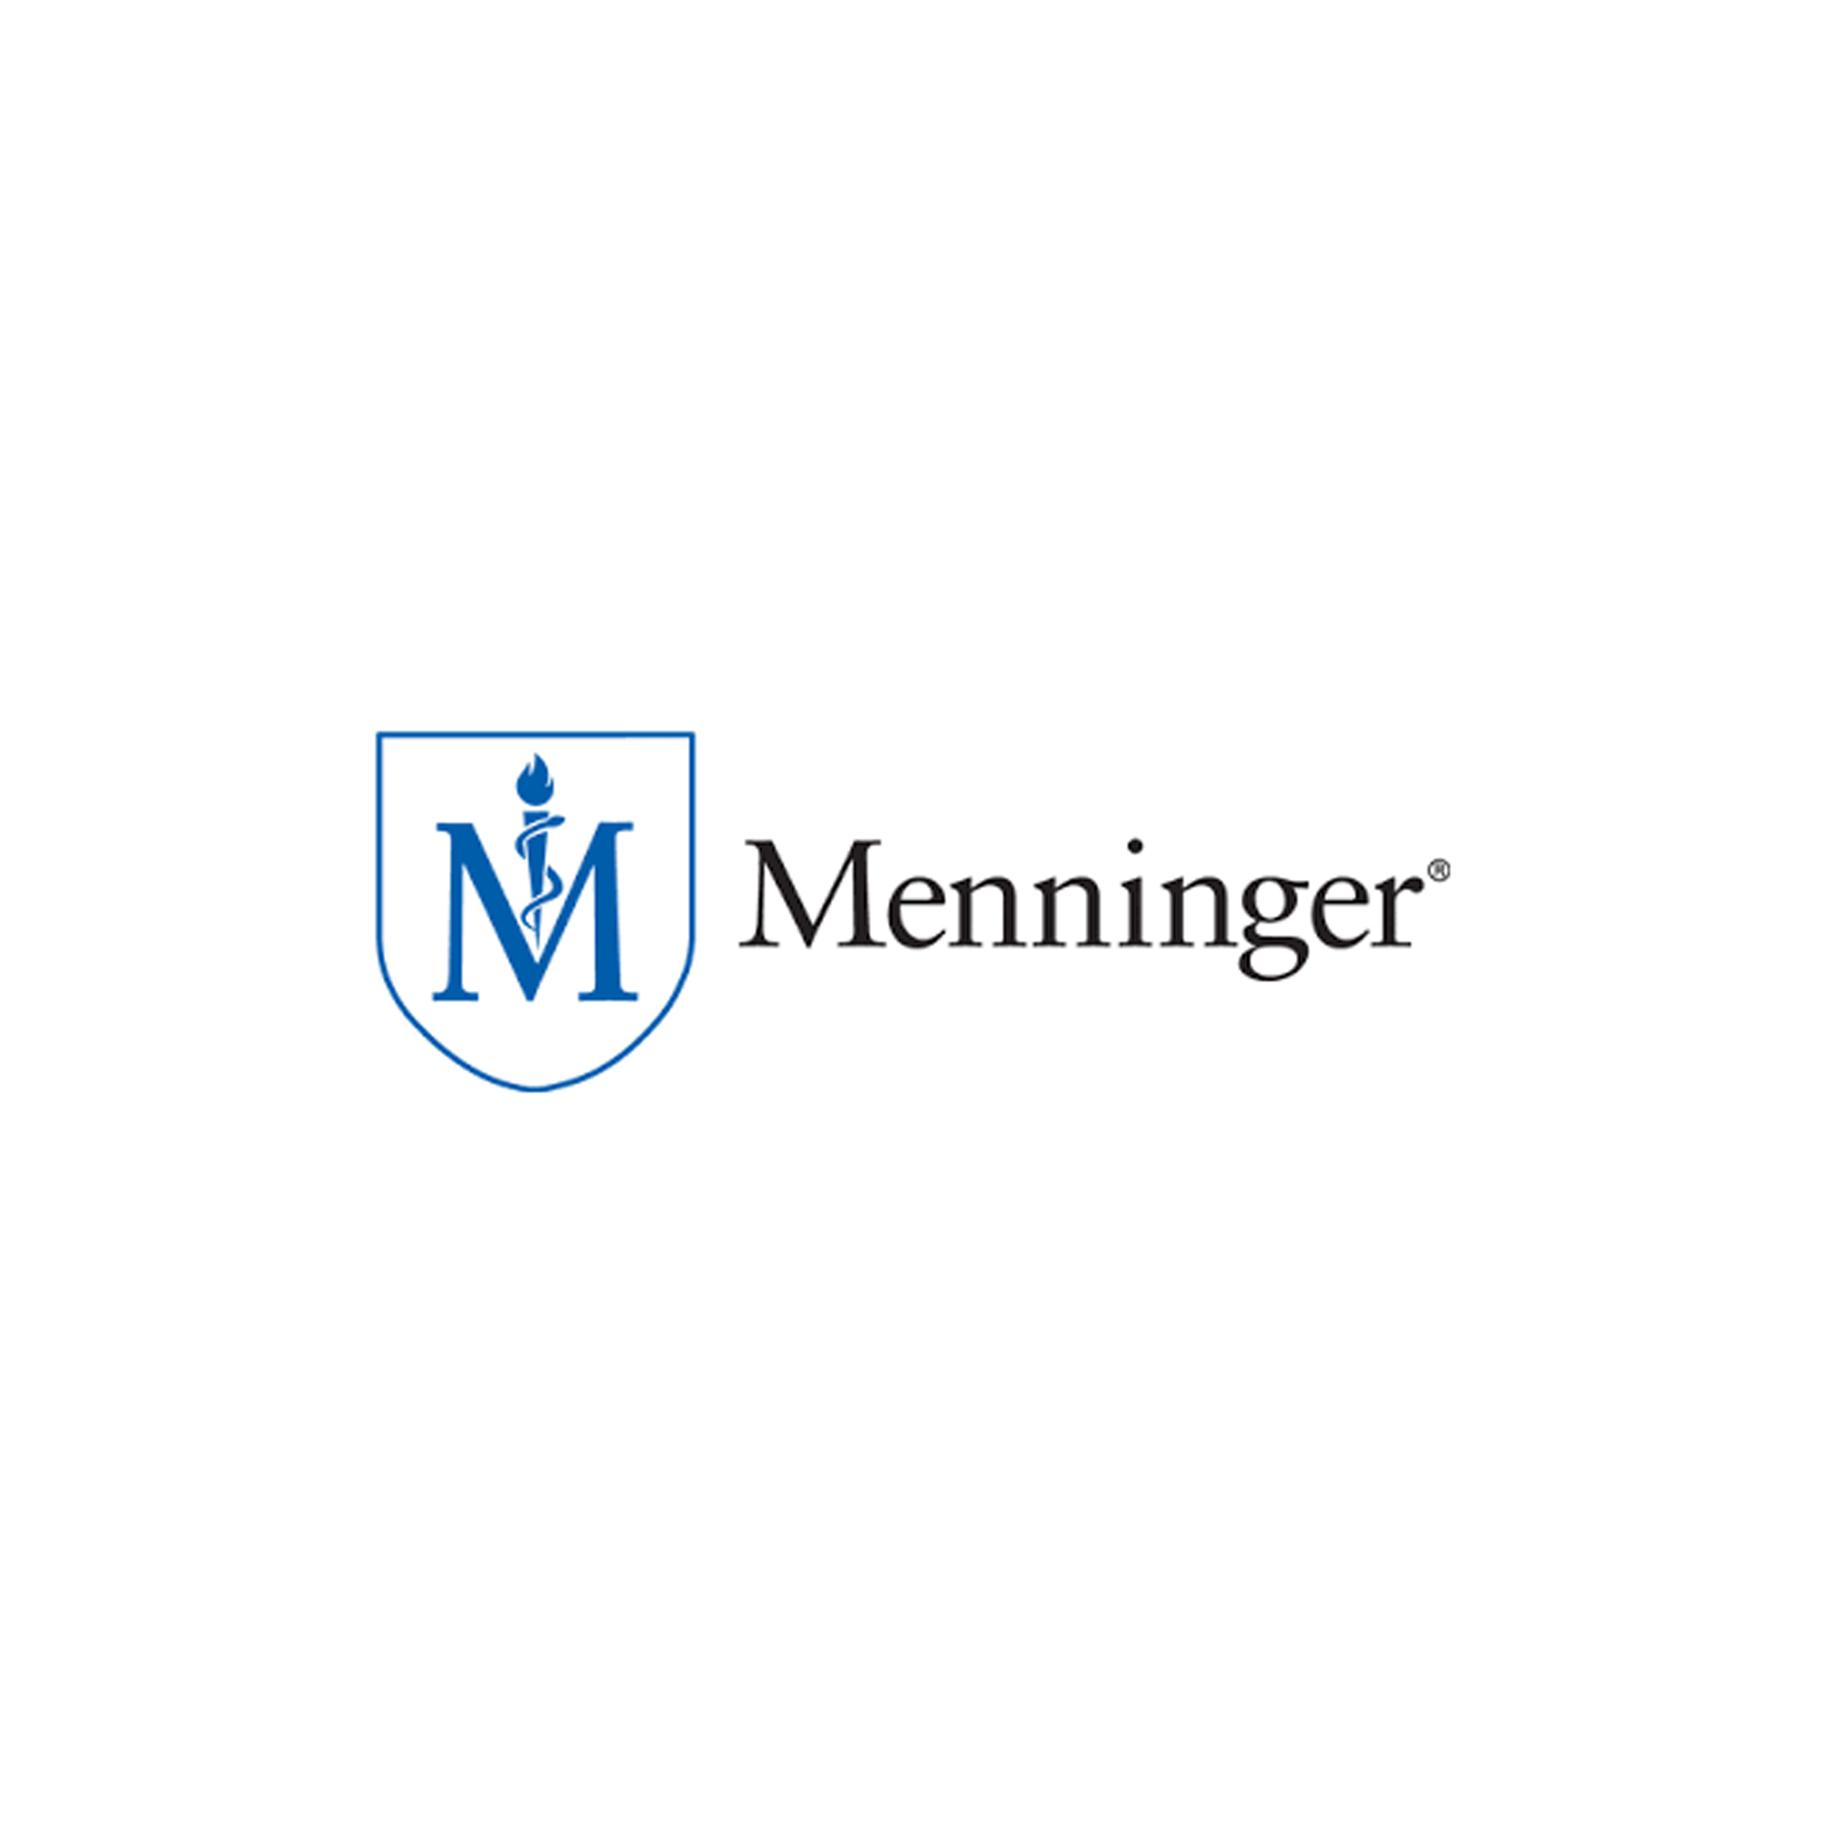 Menninger-Verano-Studios.jpg